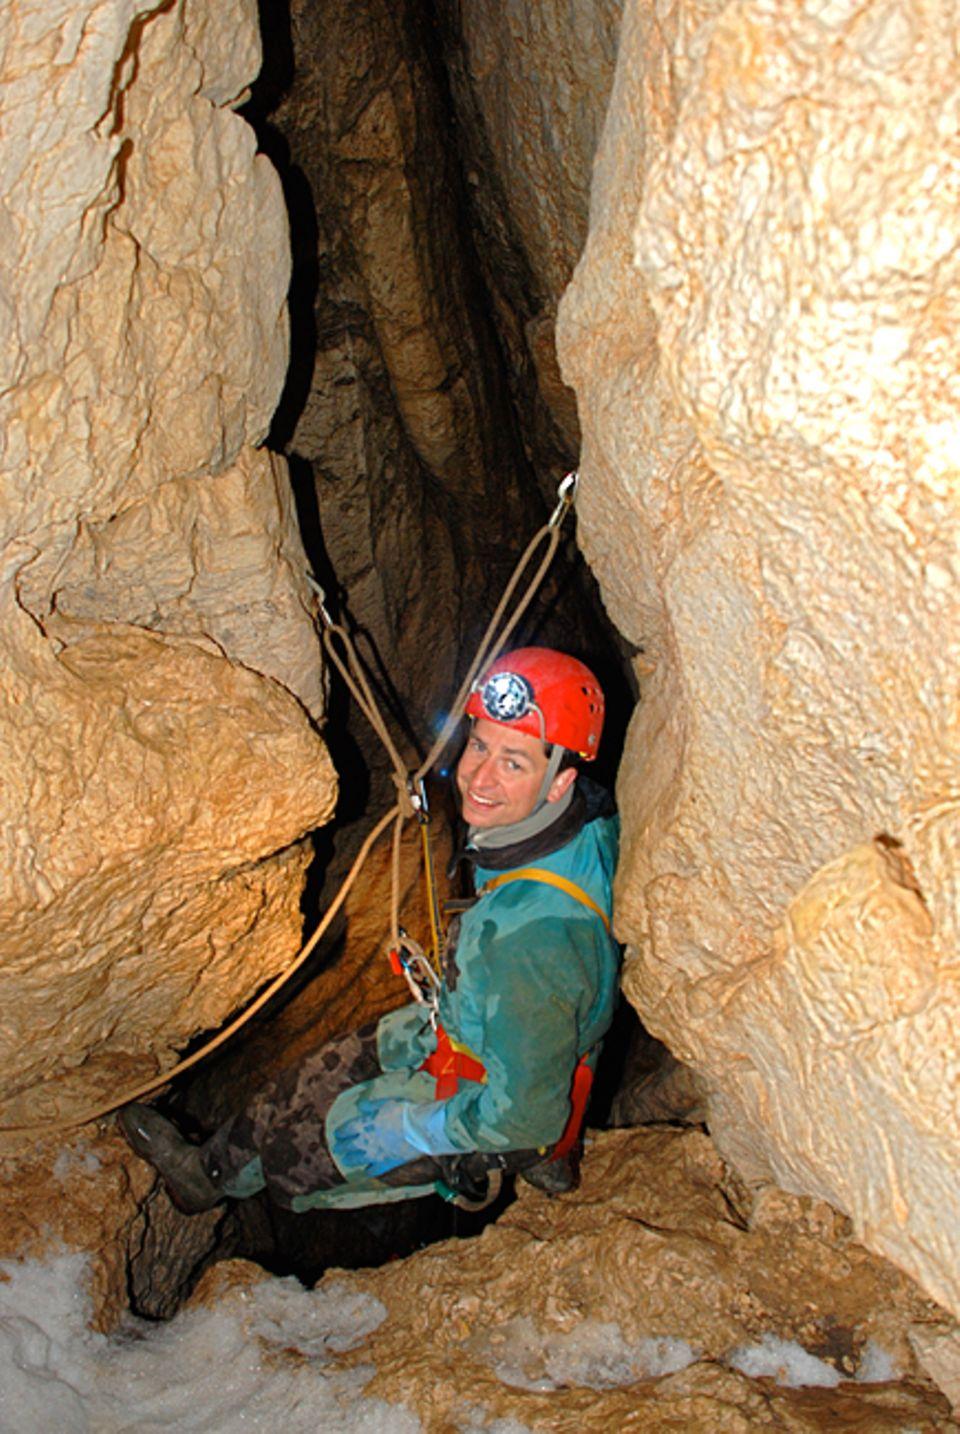 Höhlendrama: Lars Abromeit auf dem mühsamen Weg in die Tiefe des weit verzweigten Höhlensystems